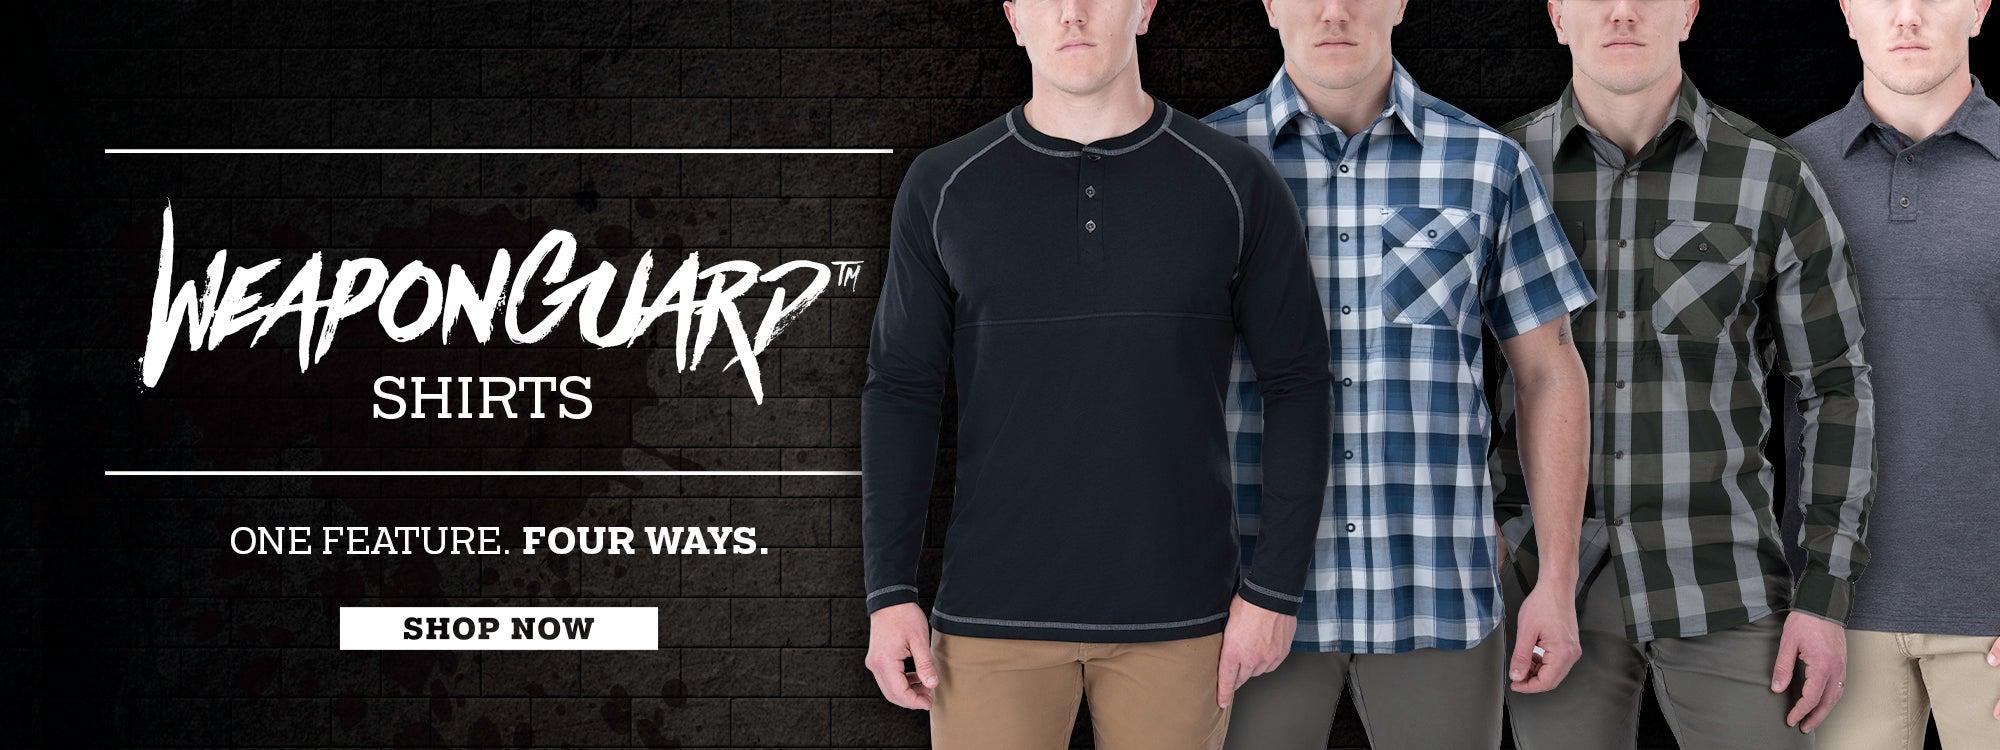 WeaponGuard Shirts